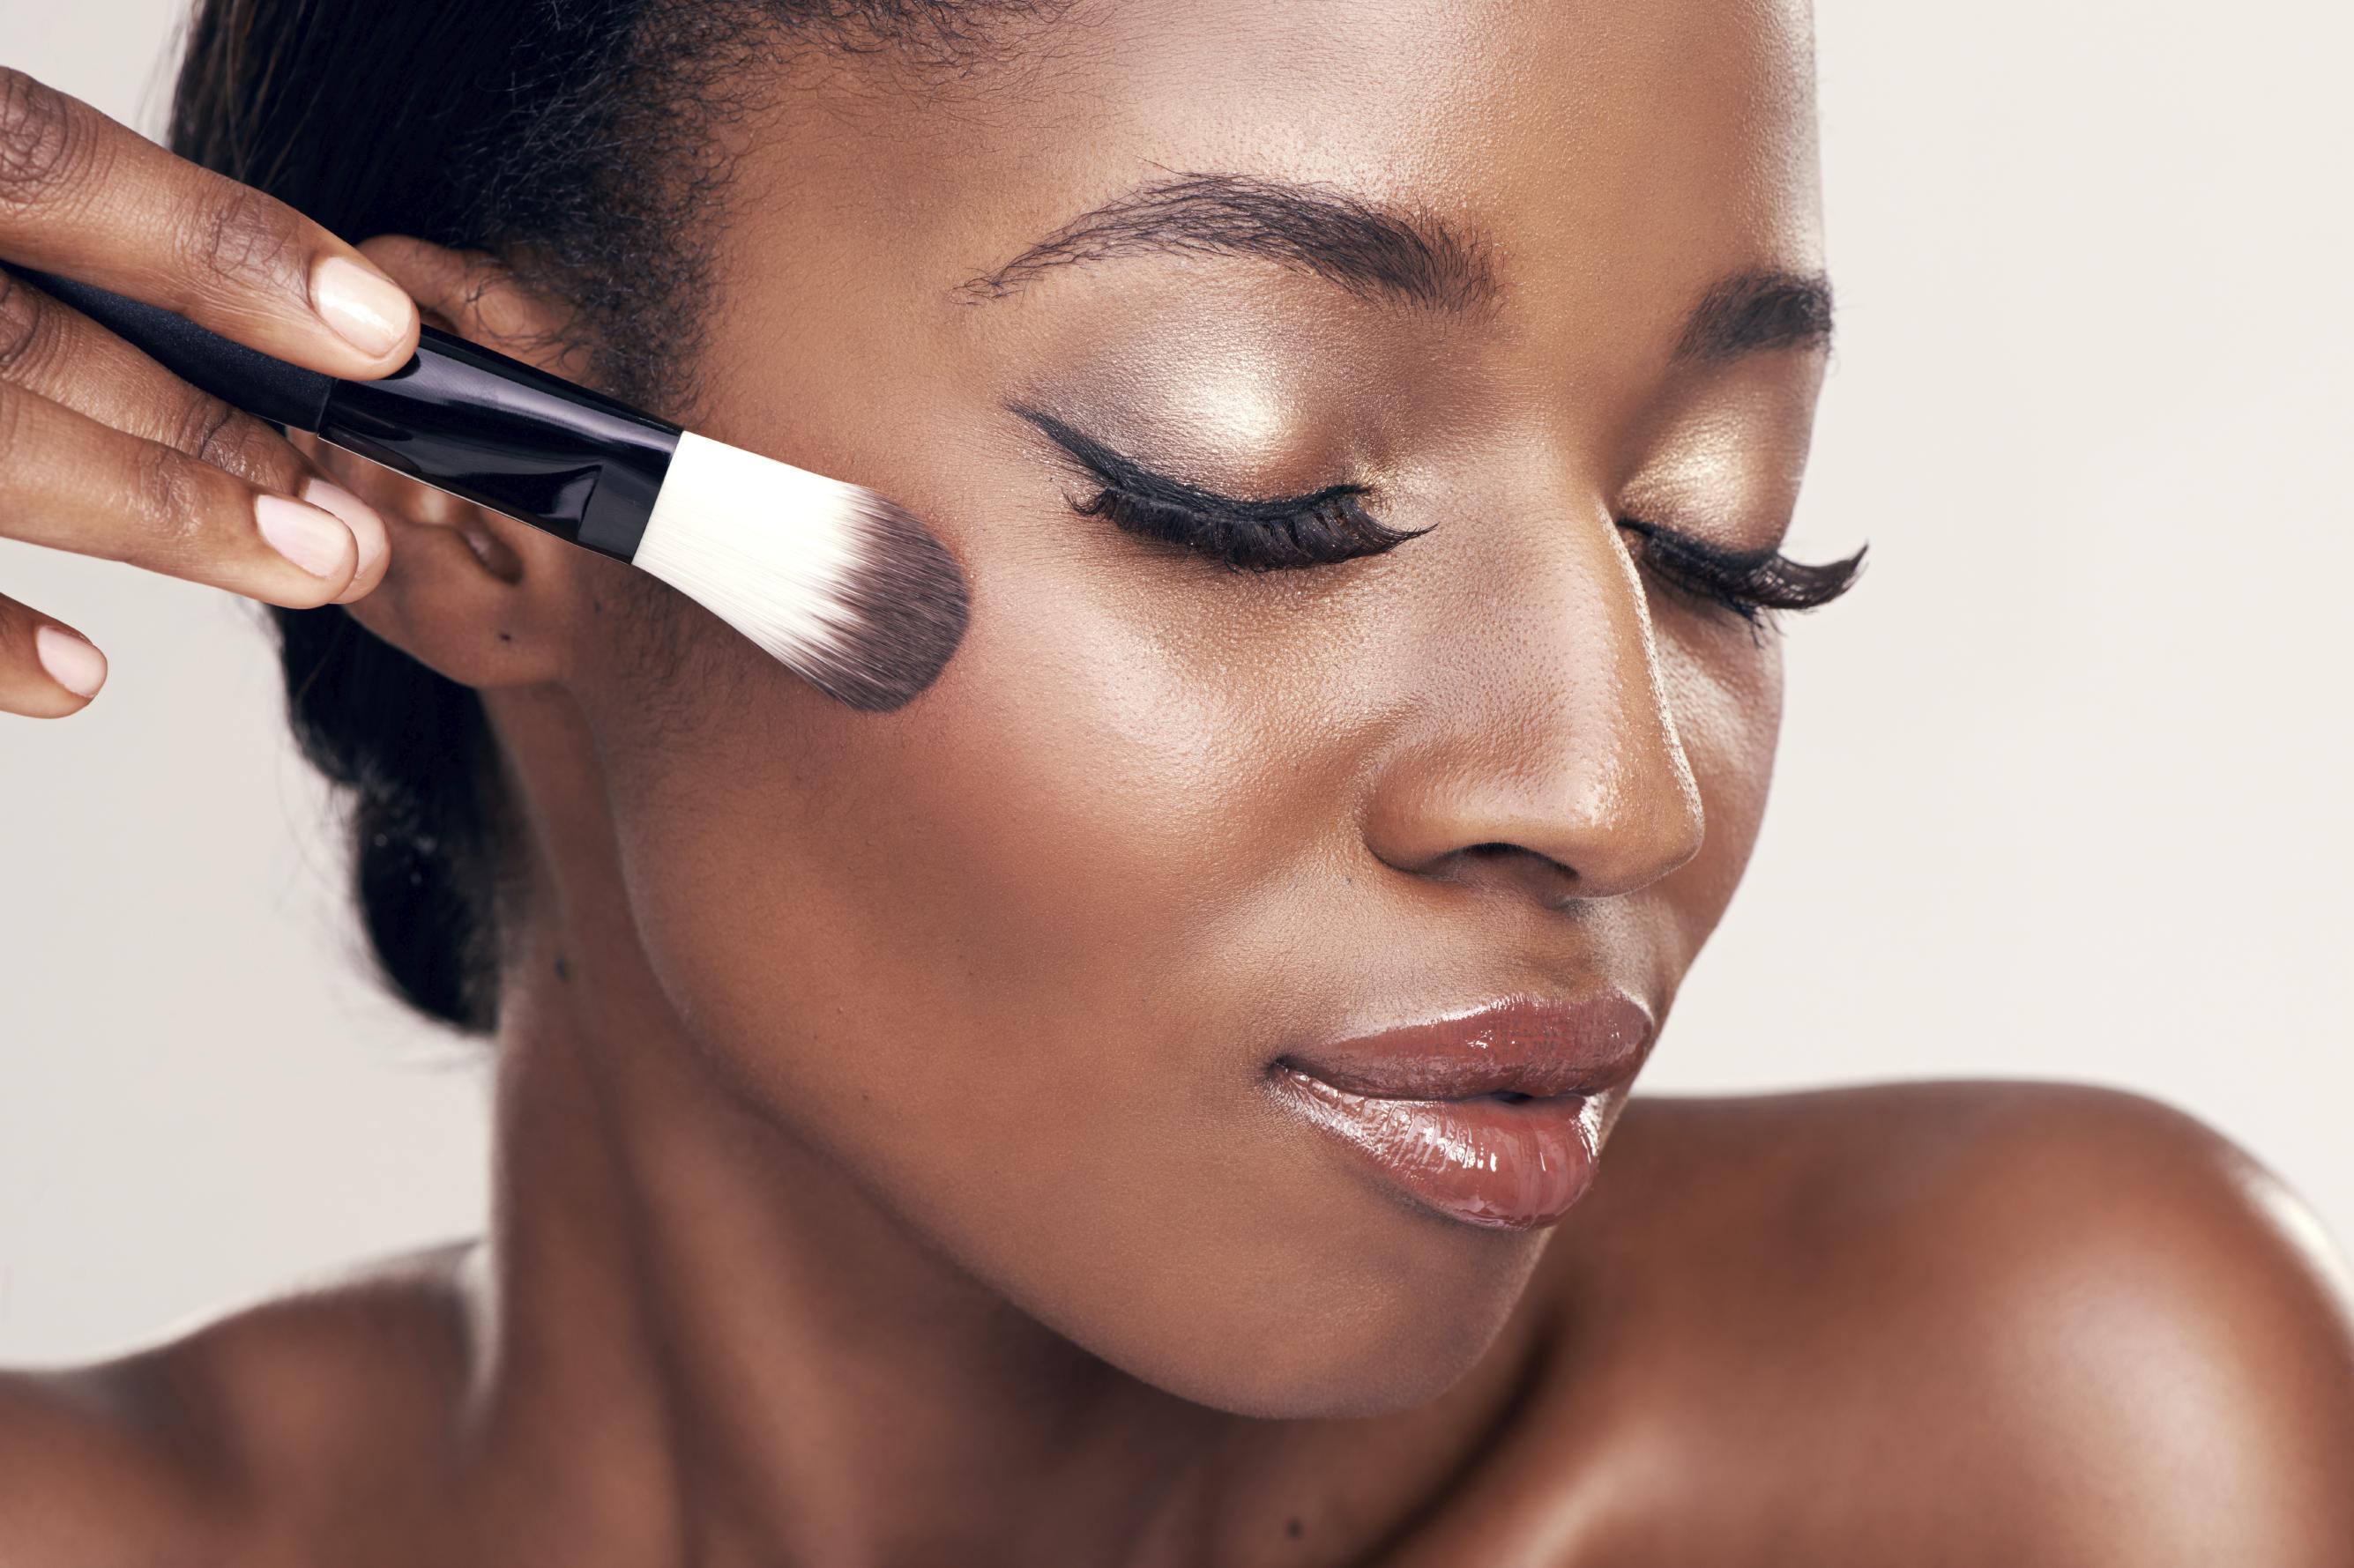 Les cosmétiques destinés aux peaux noires sont les plus dangereux !